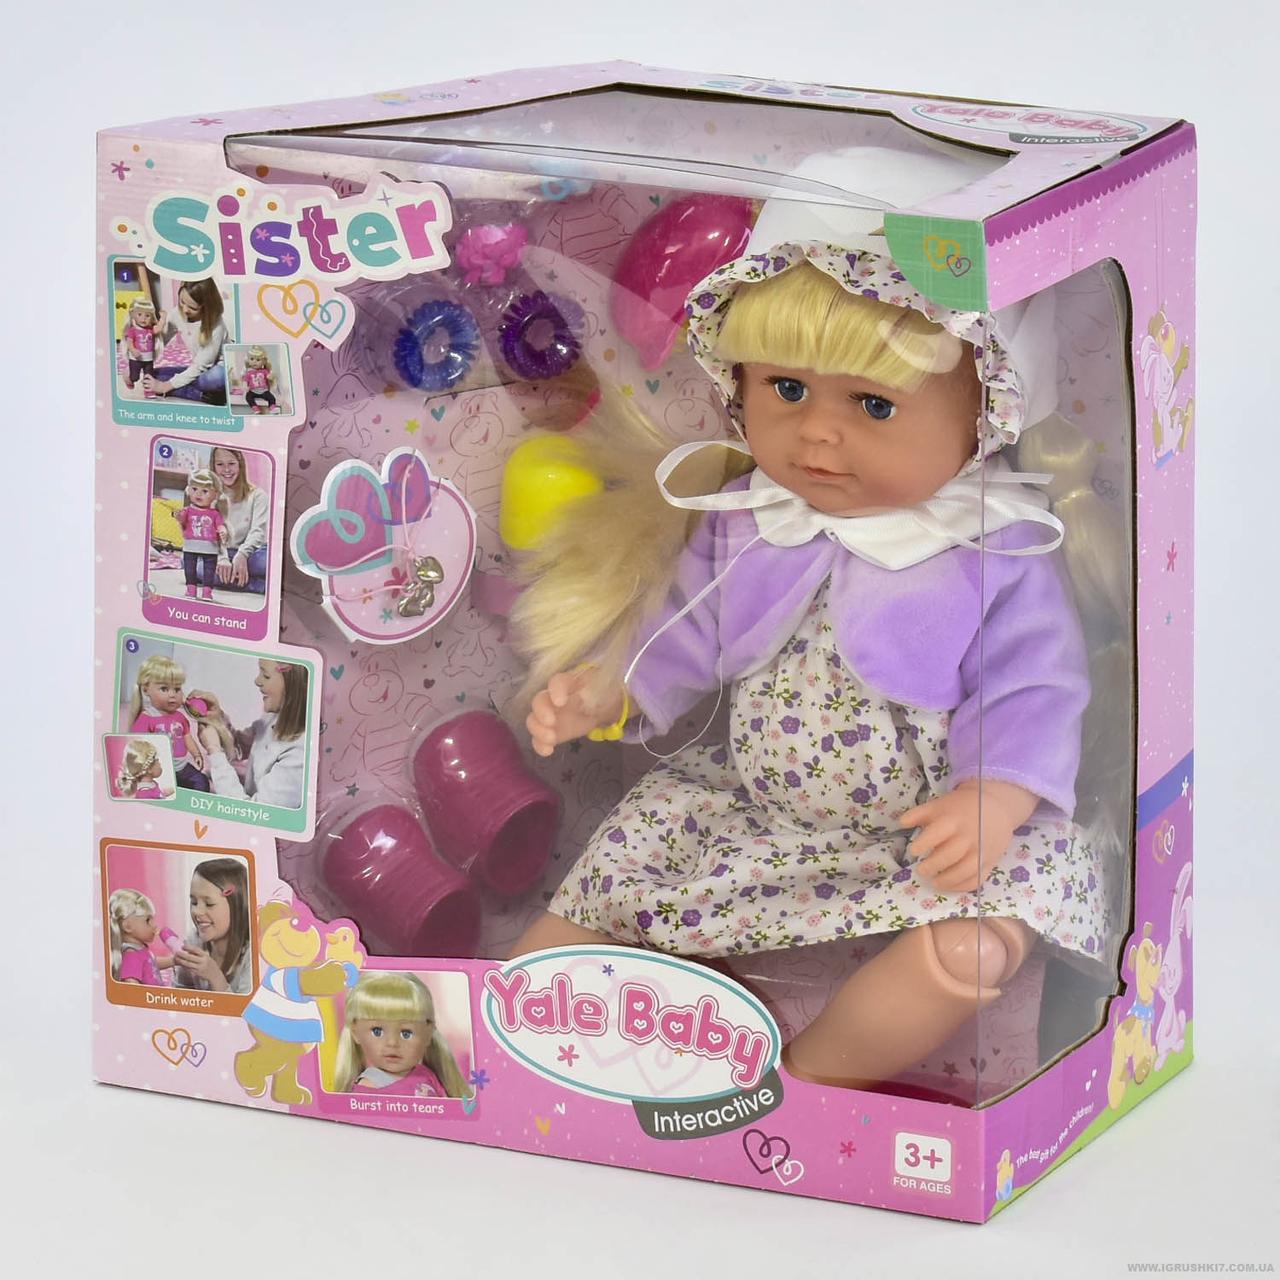 Лялька функціональна Сестричка BLS 003 I (6) з аксесуарами, в коробці